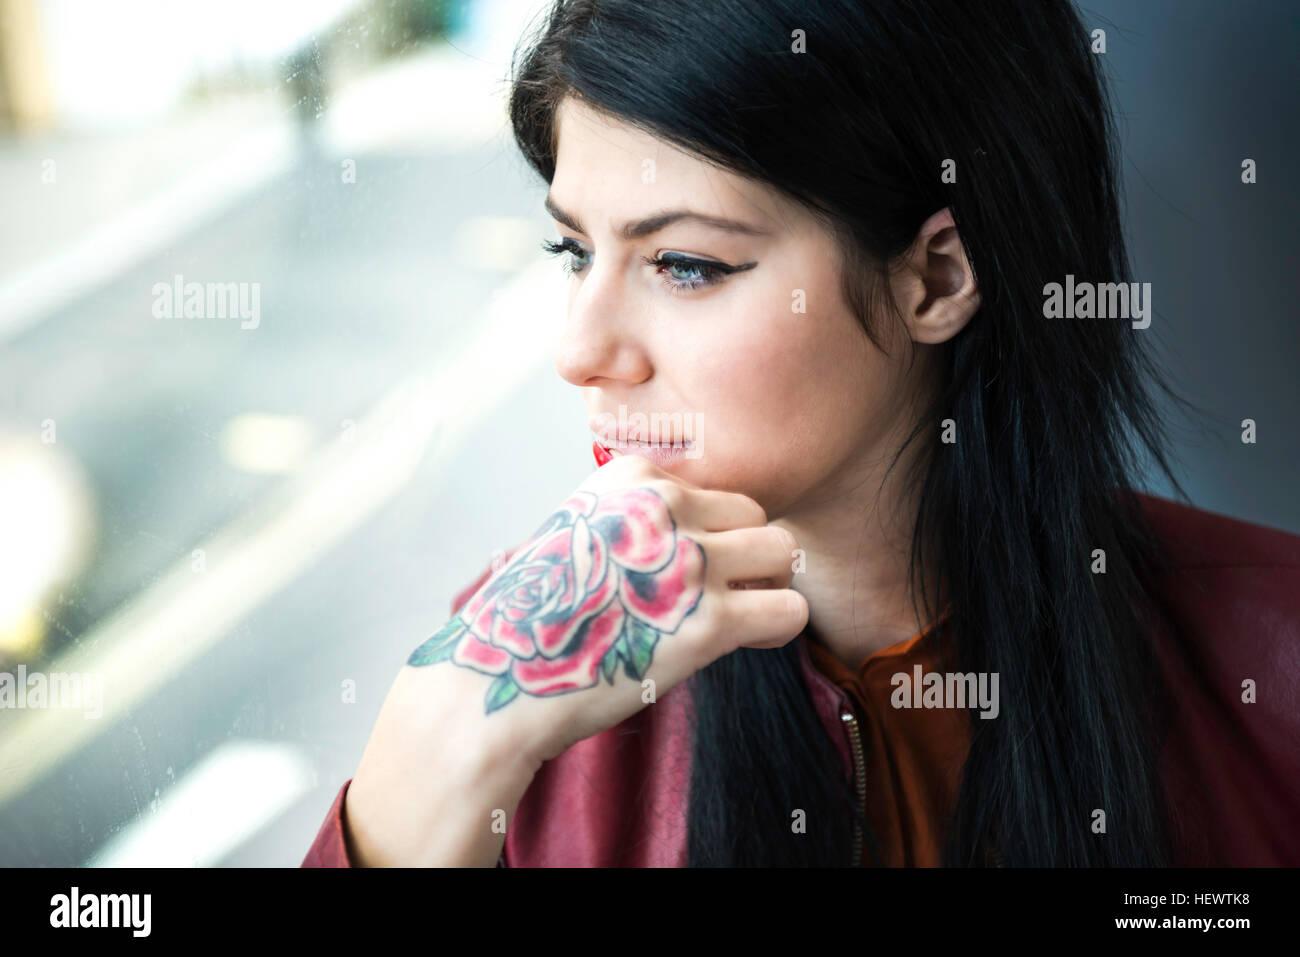 Junge Frau mit Tattoo auf Hand, Blick durch Fenster Stockbild